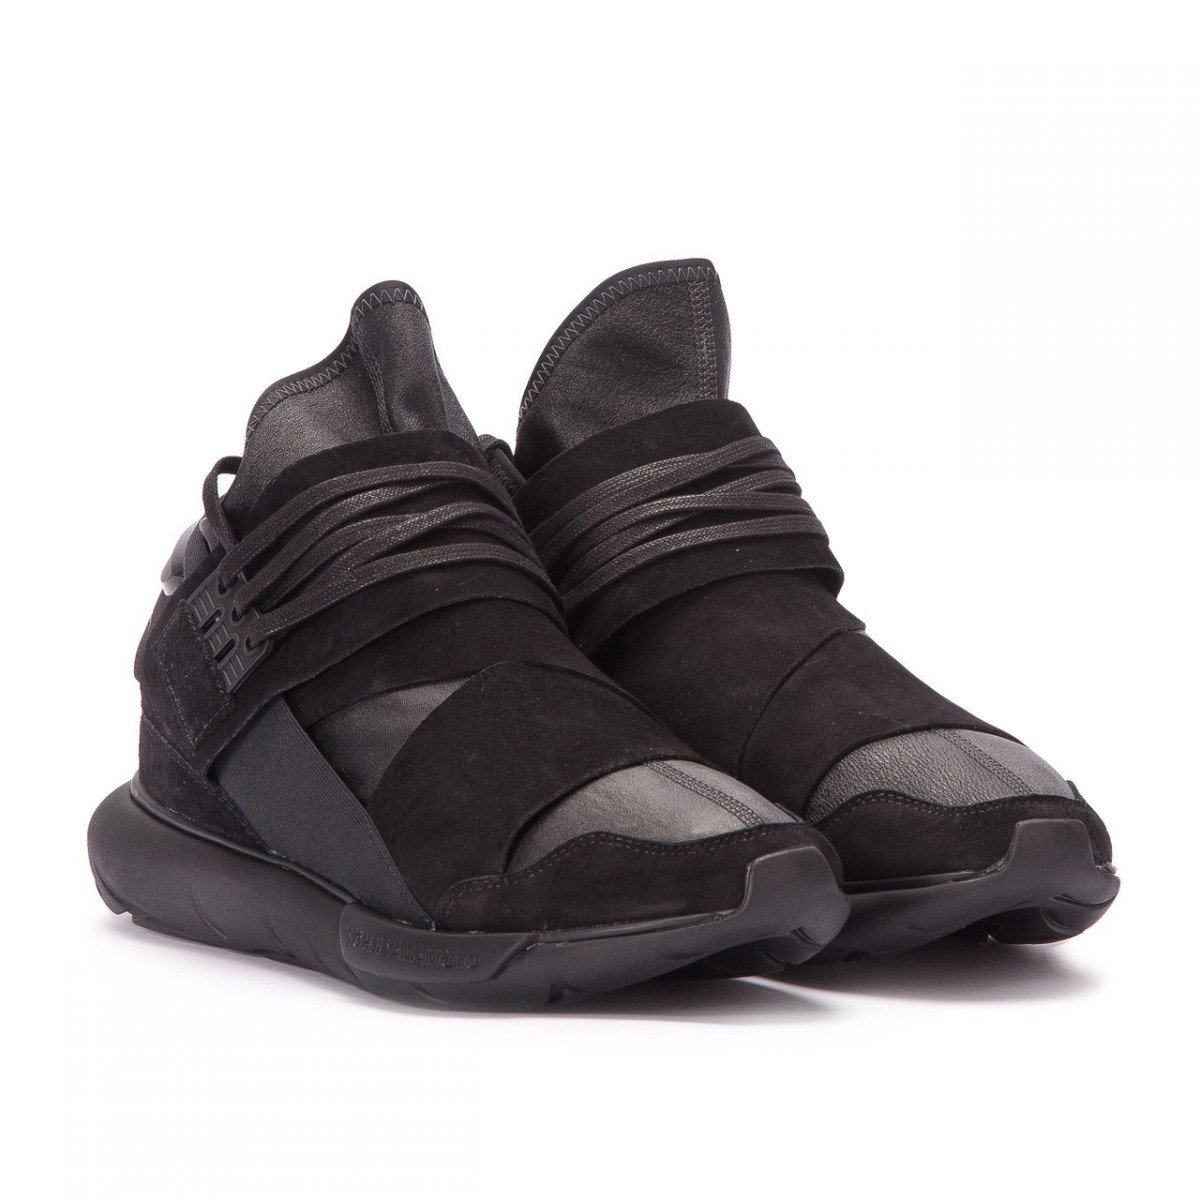 y-3-qasa-high-leather-1-1200x1200